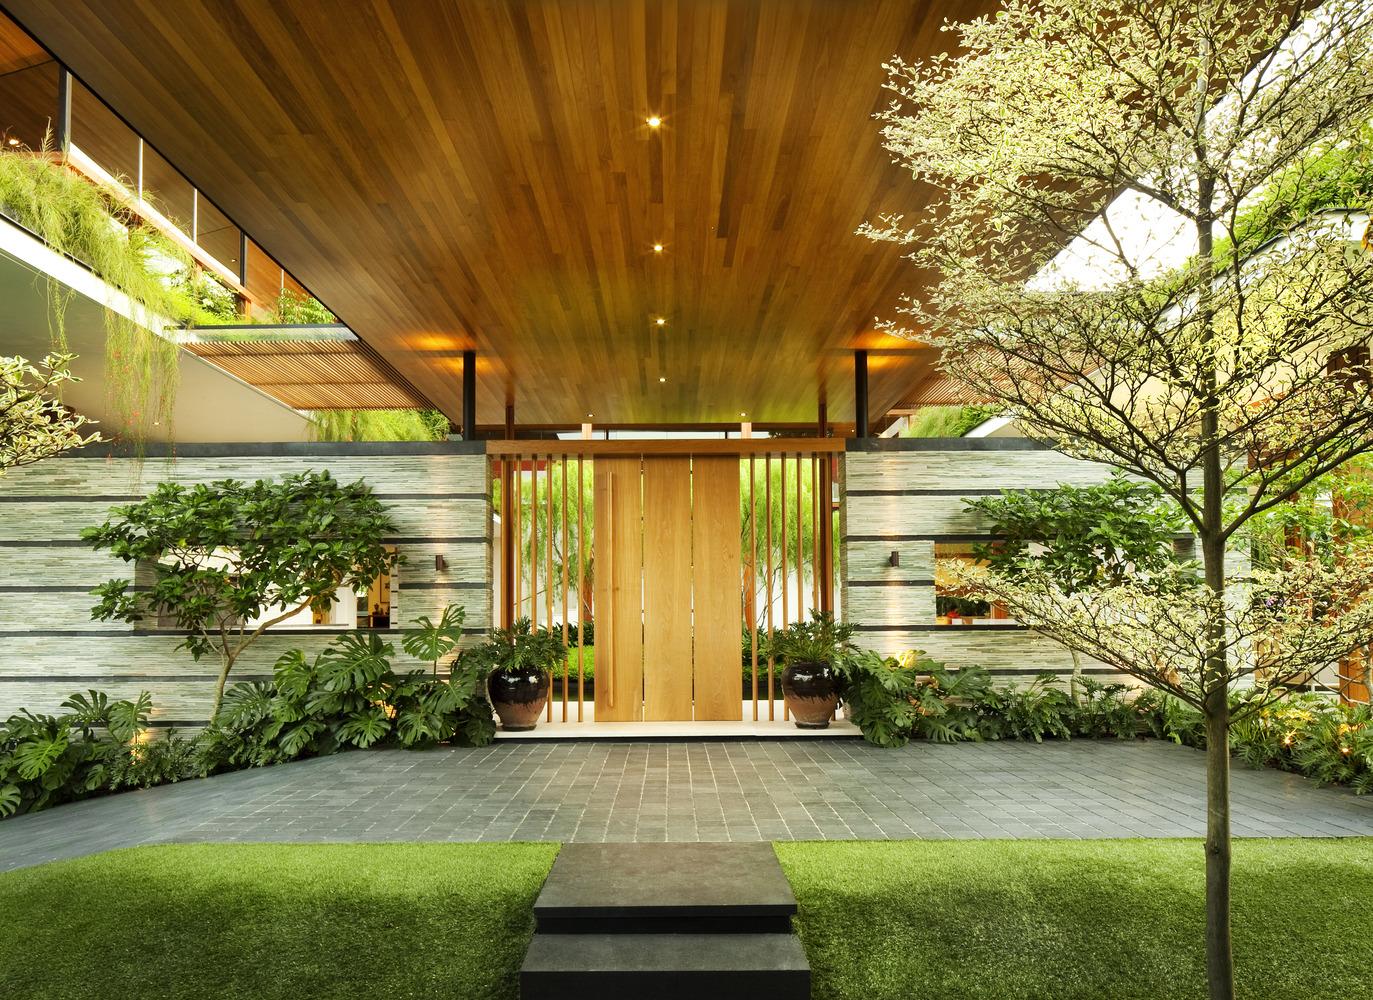 willow-house-termeszetkozelben-noko-02.jpg